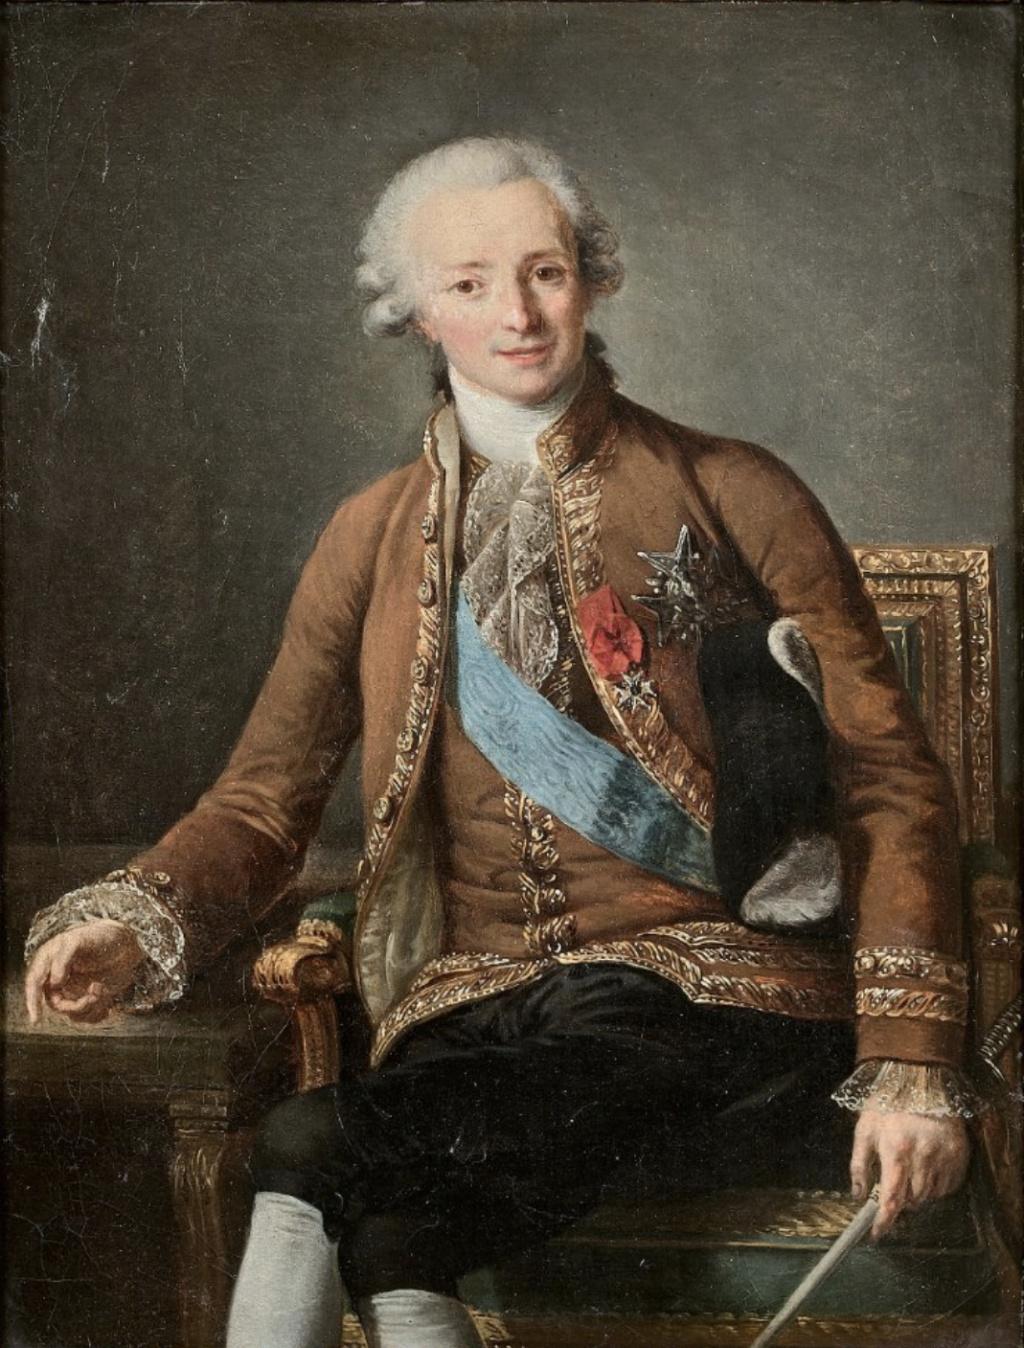 Le comte de Vaudreuil - Page 9 Capt1003